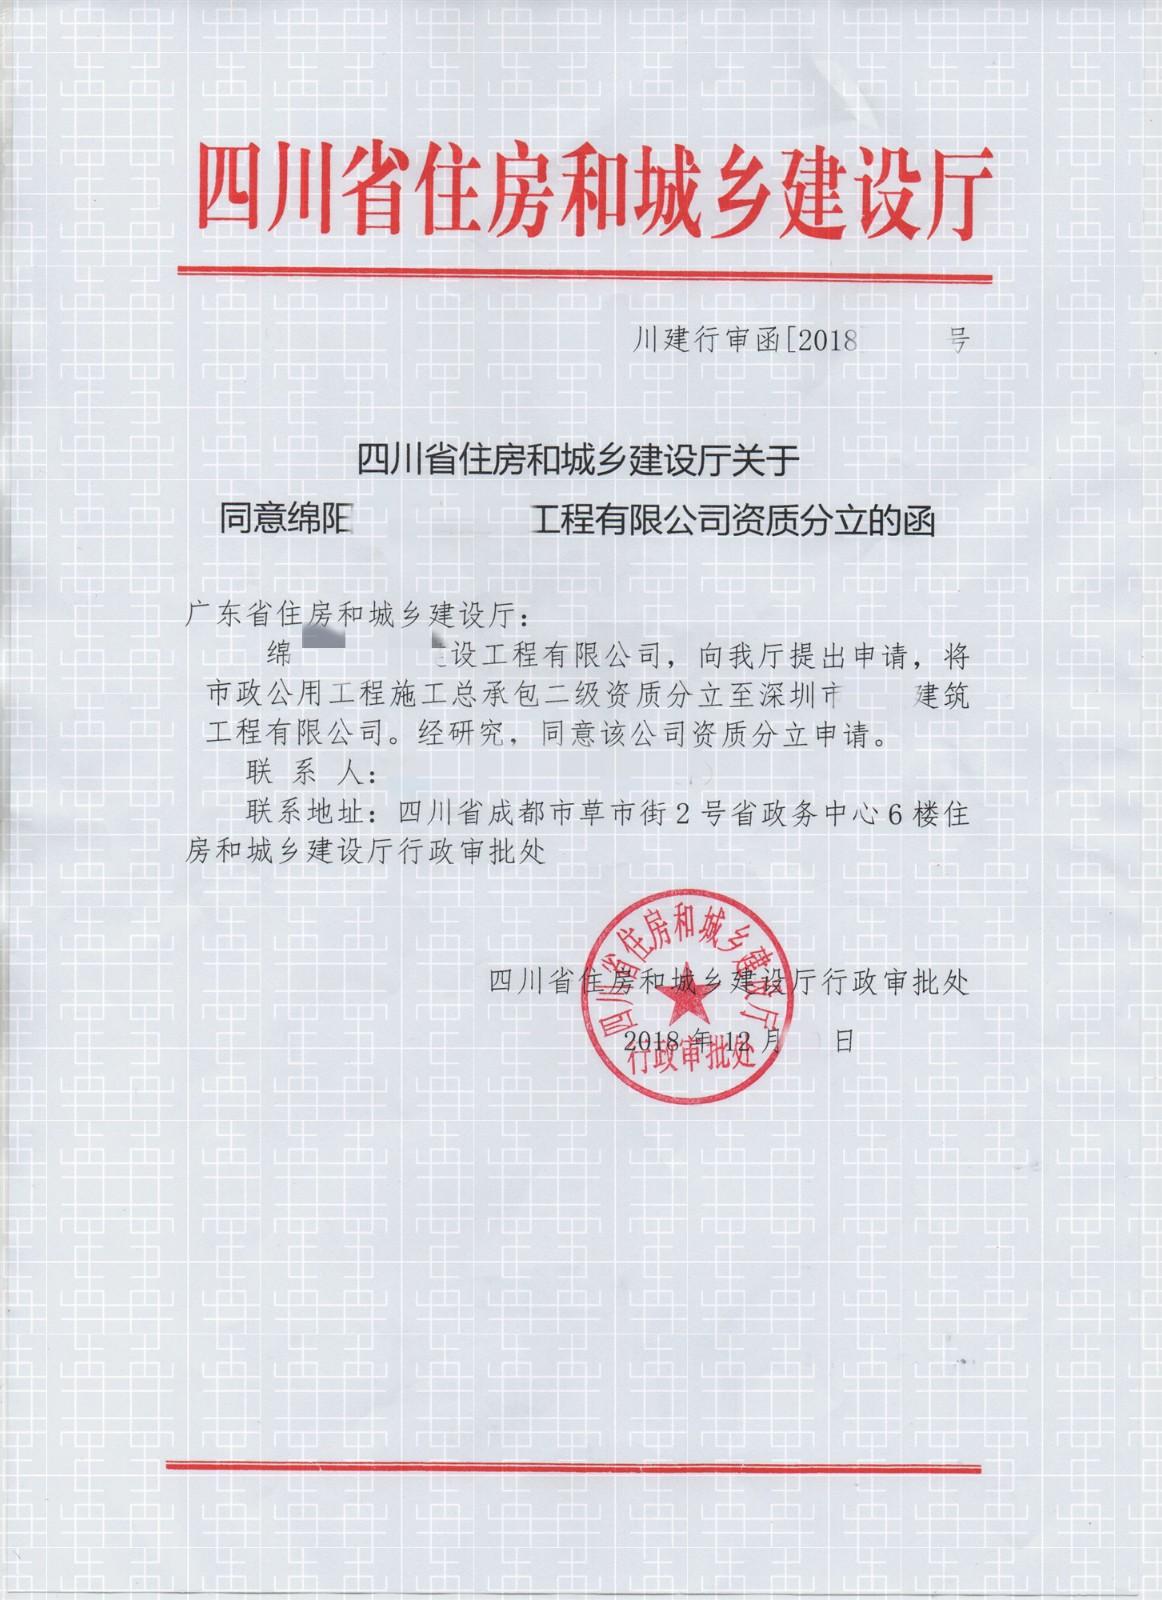 市政二级贝博贝博app下载深圳